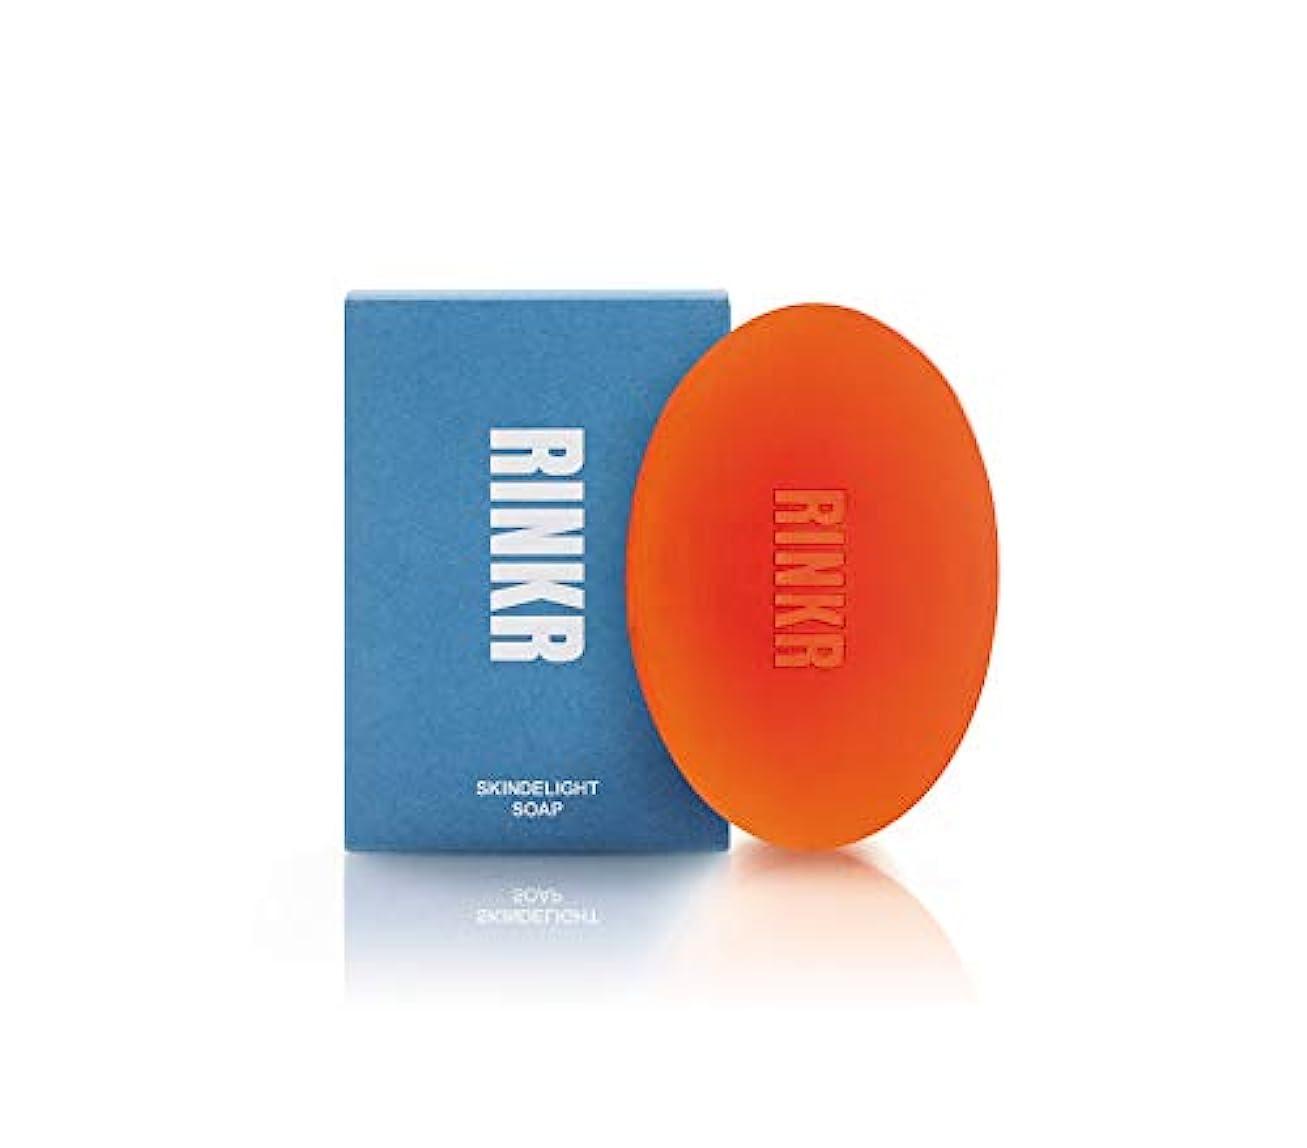 ずらす慣れるつま先RINKR(リンカー) スキンディライト ソープ 100g